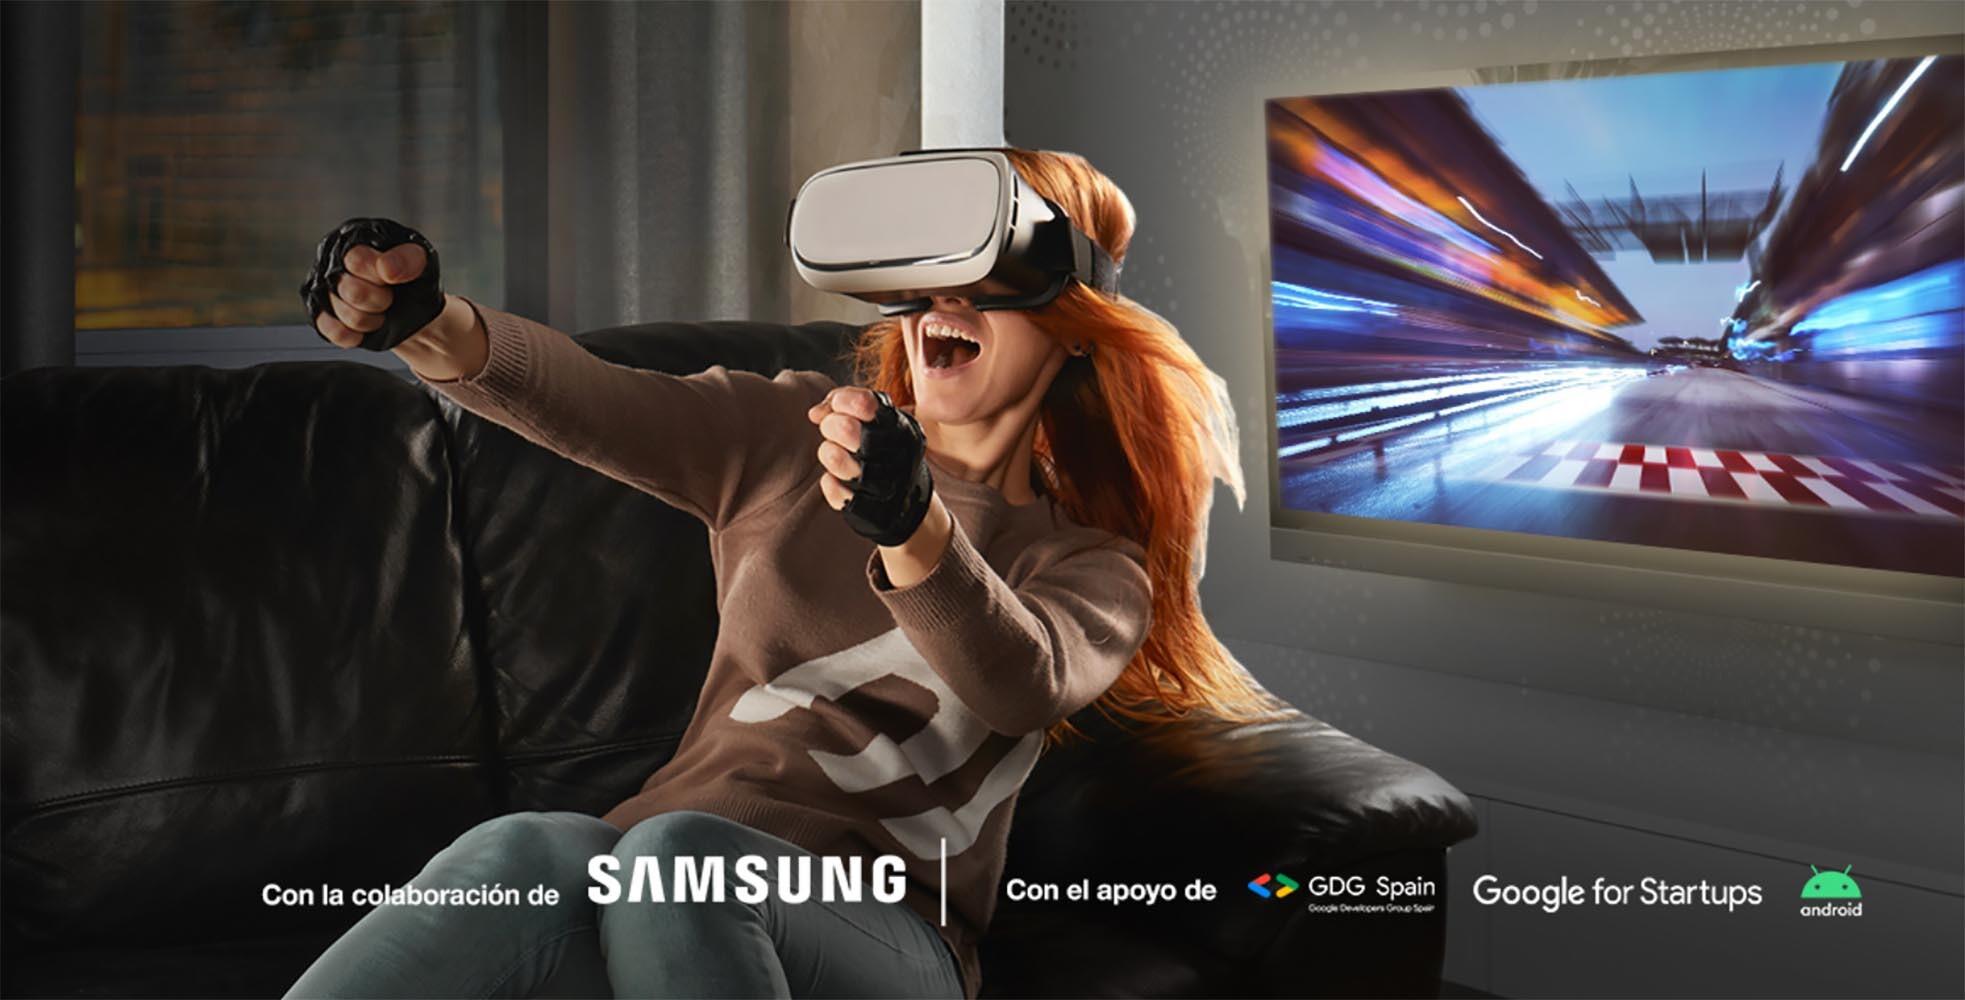 Samsung, Orange 5G Challenge